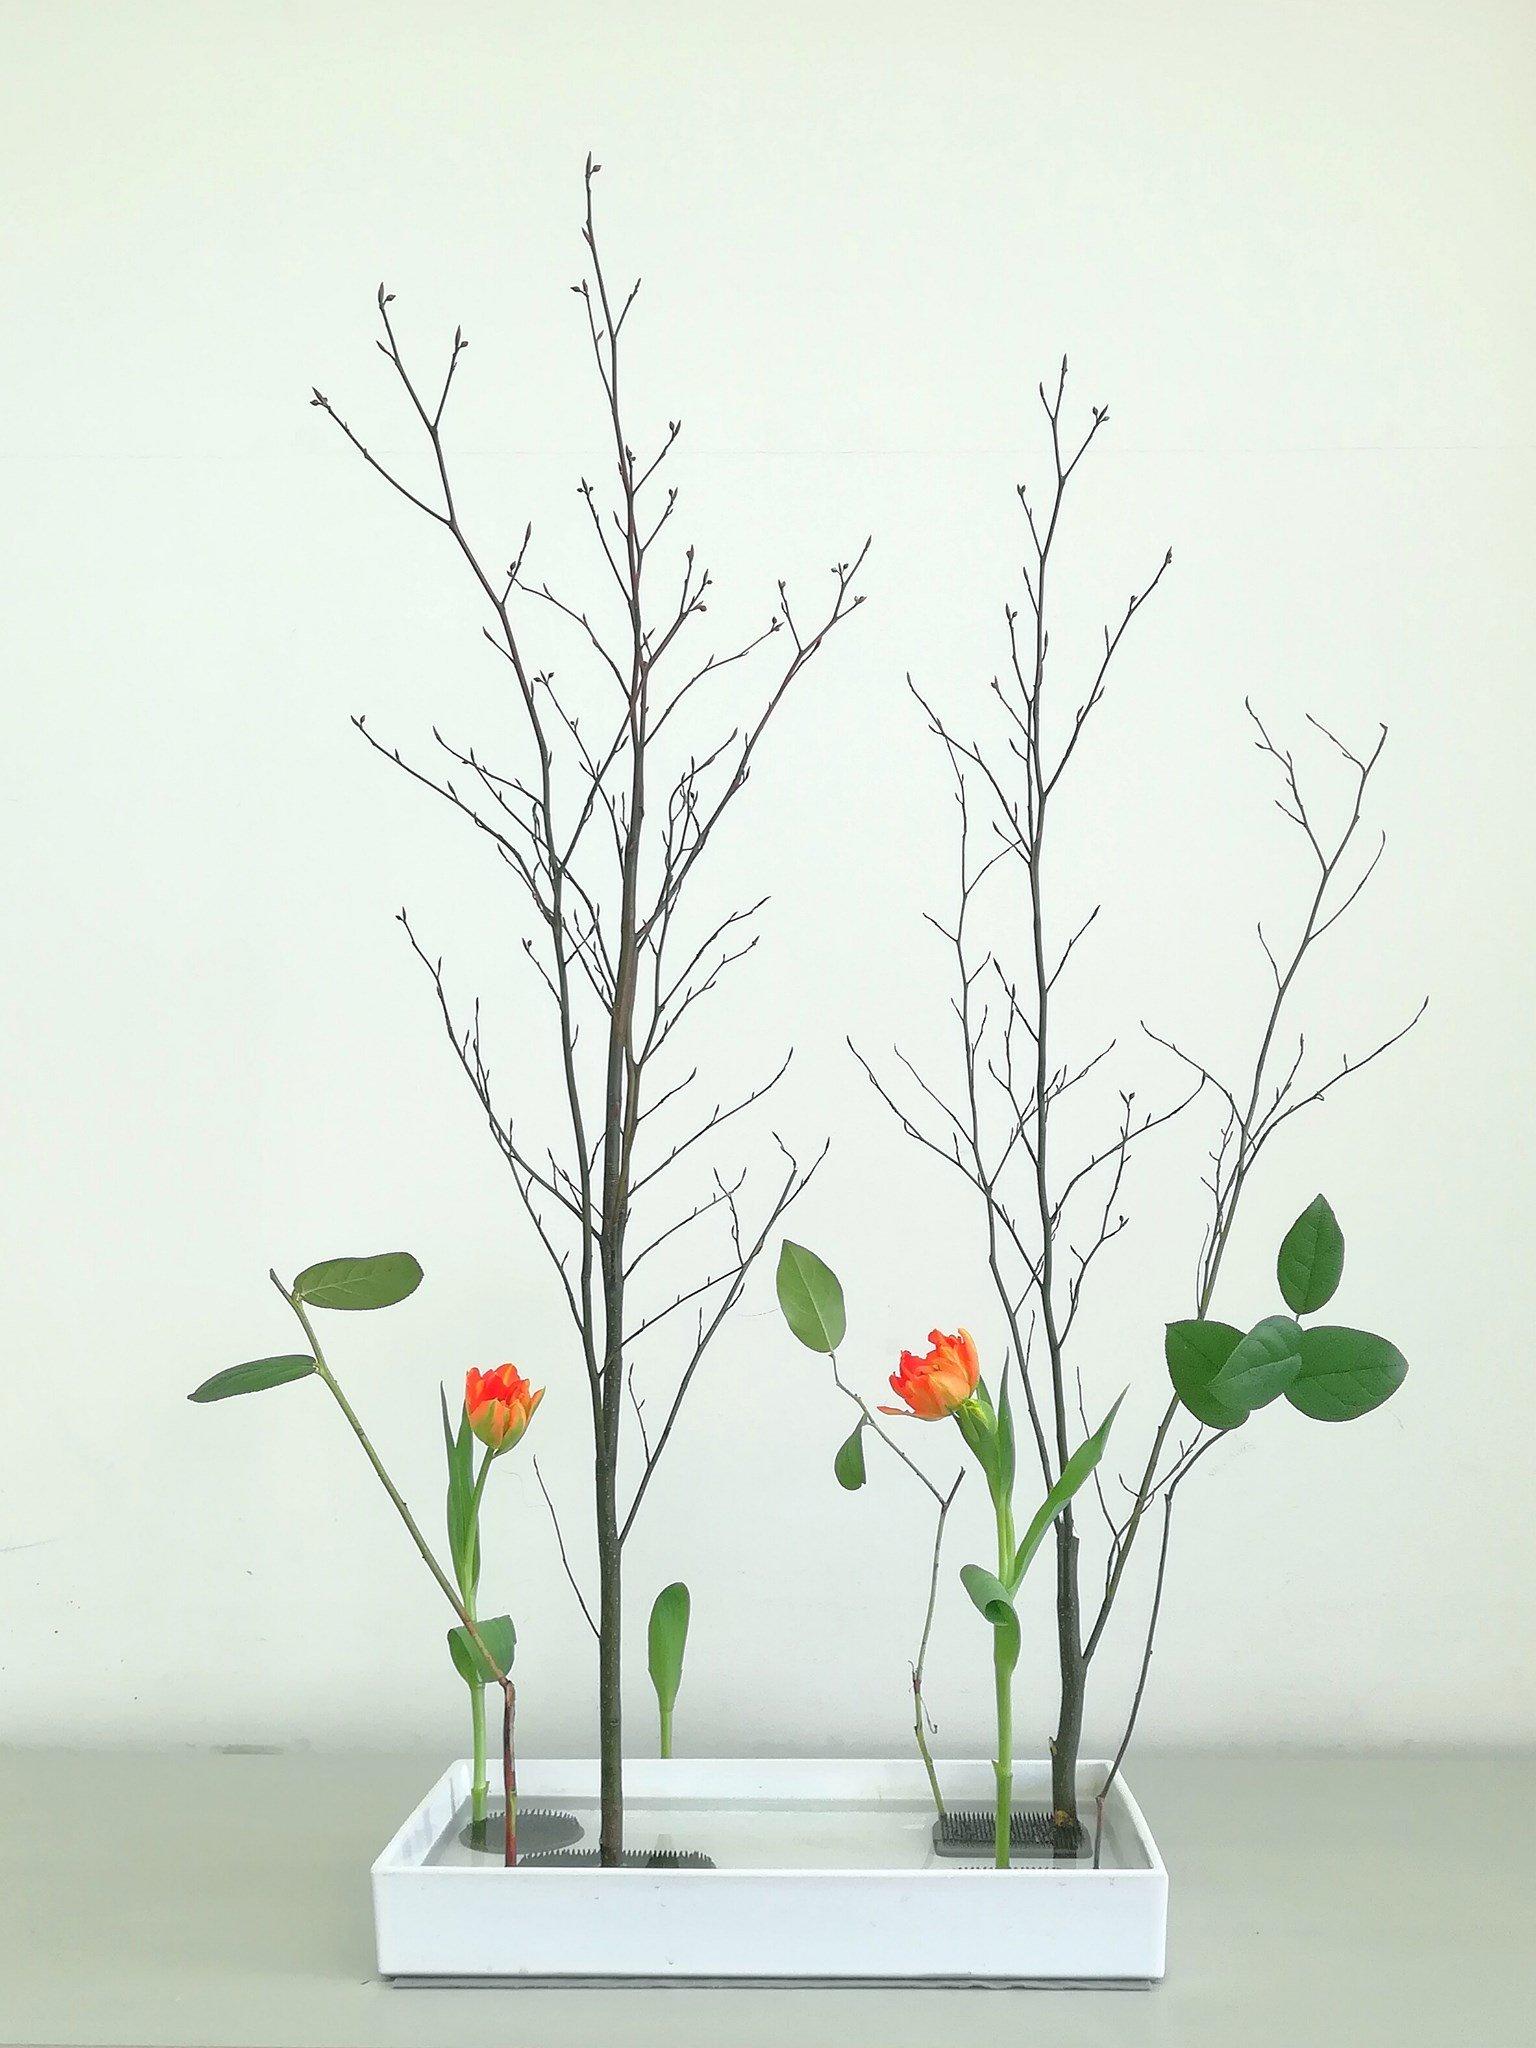 型のない生け花〜自分と繋がる時間 3月13日土曜日開催のイメージその3